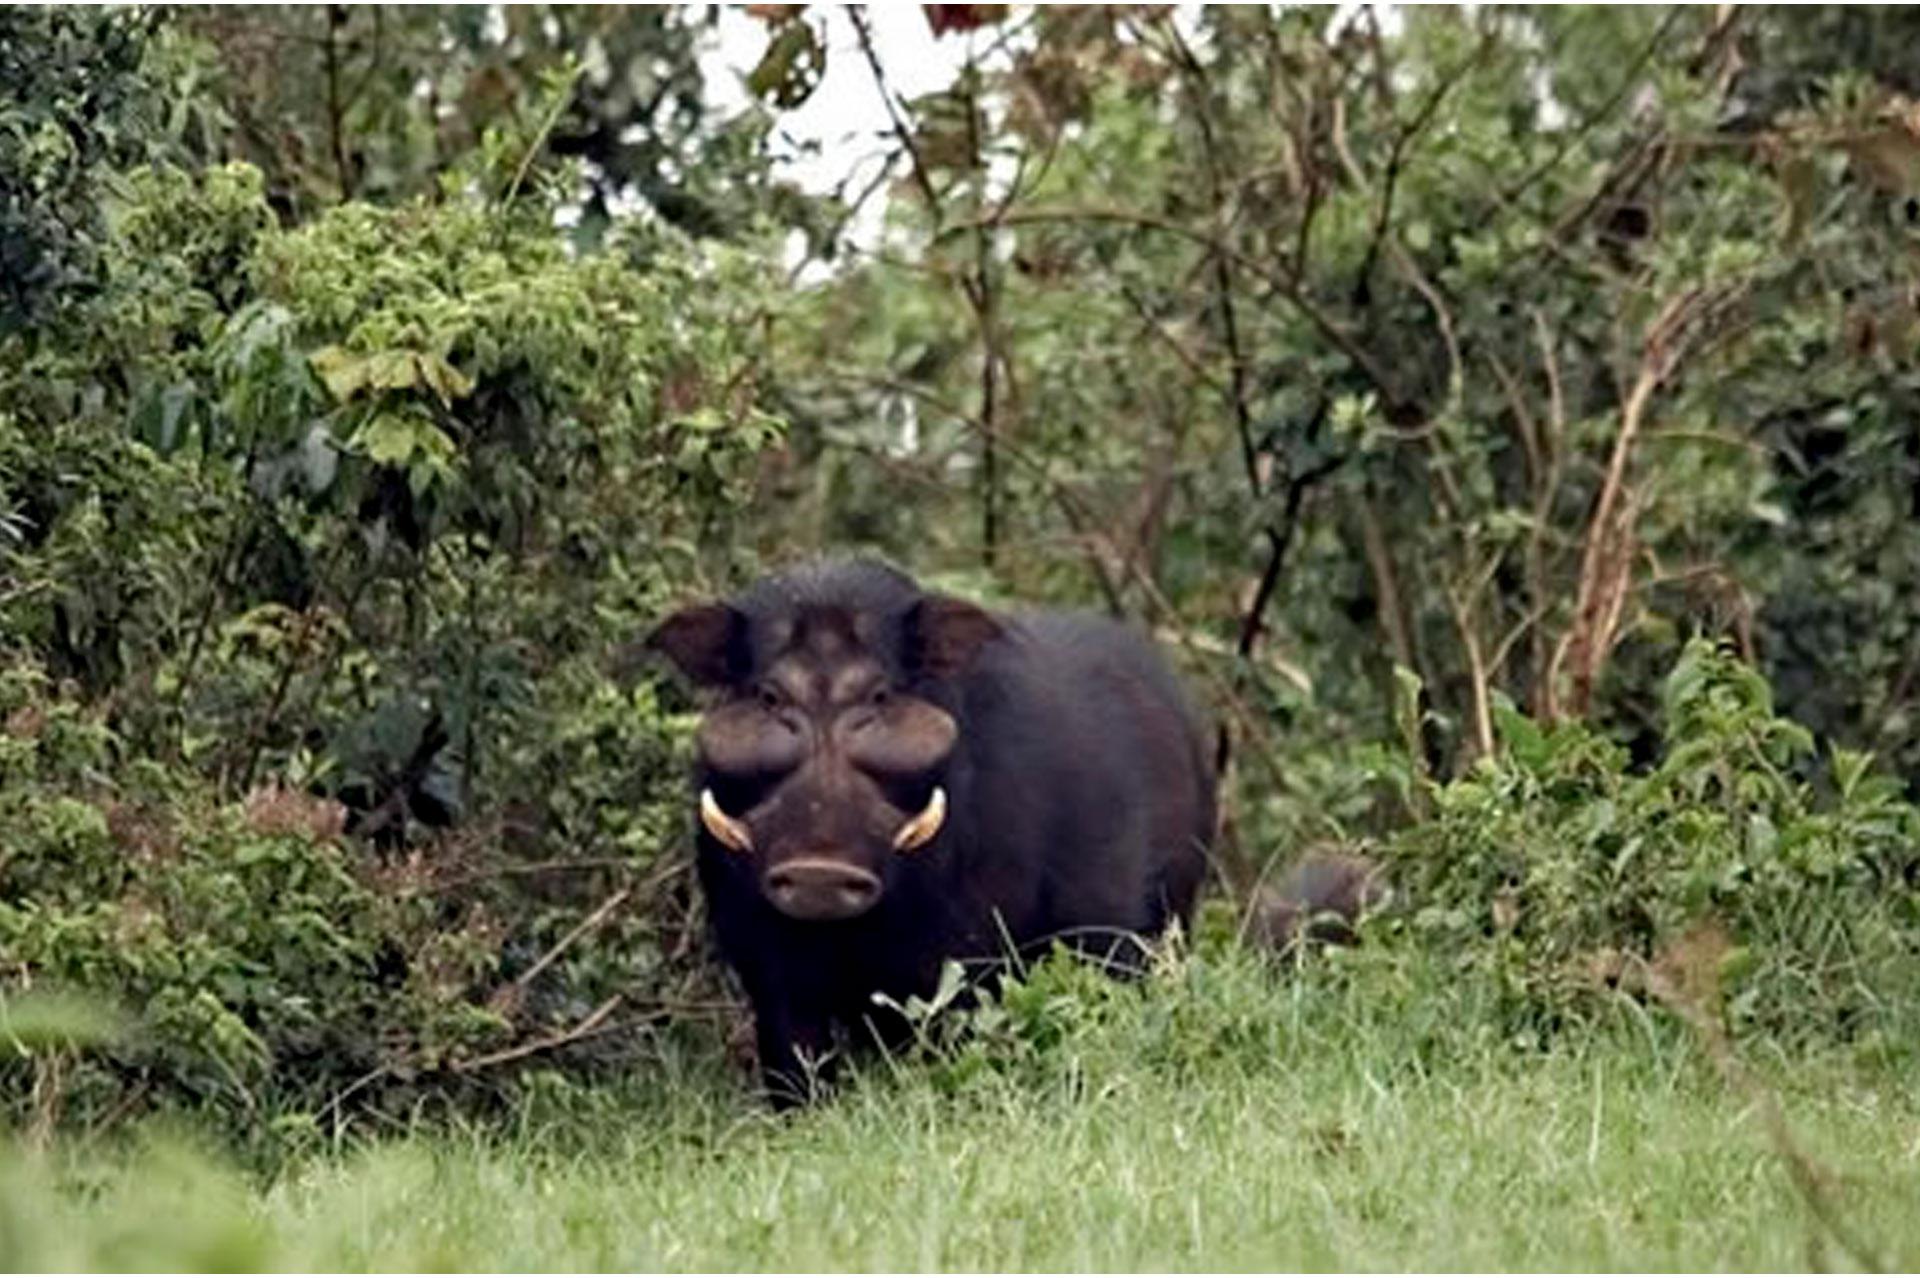 Diani_travel_center_National_Parks_in_Kenya_Aberdare_National_park_image_5